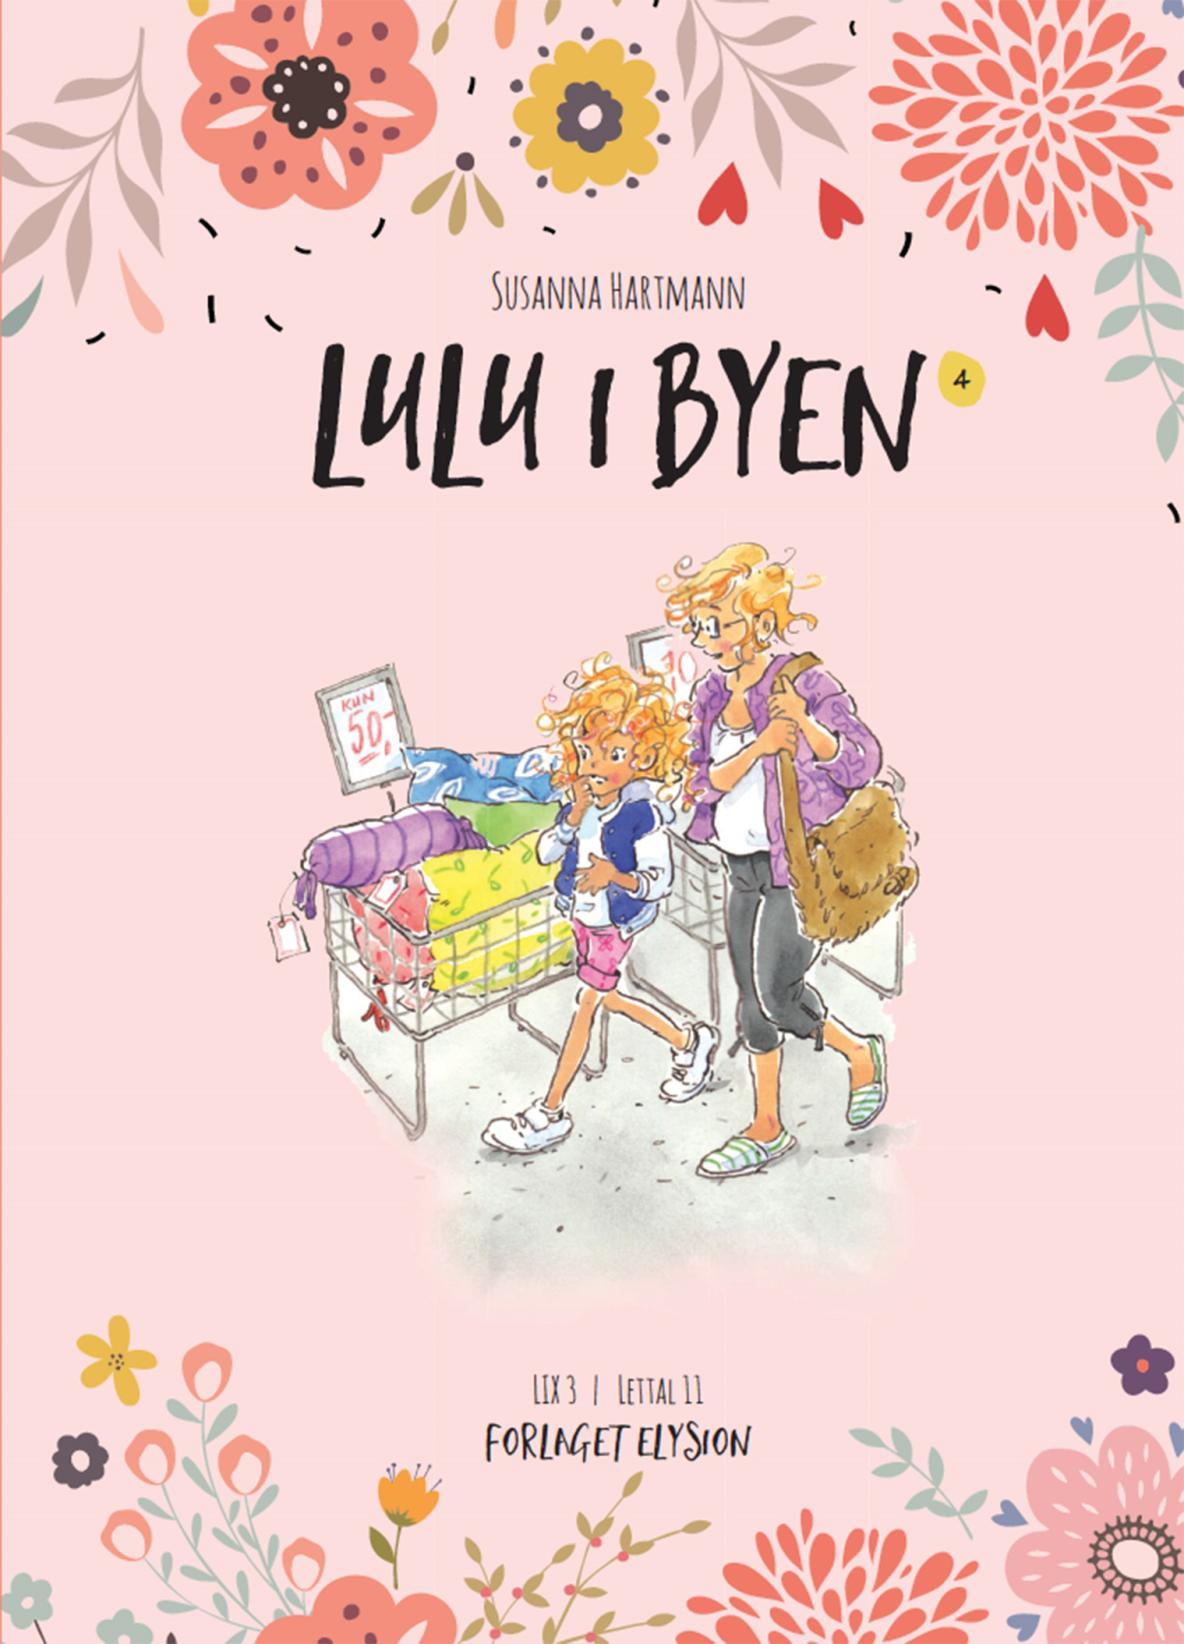 Lulu #4: Lulu i byen - Maneno